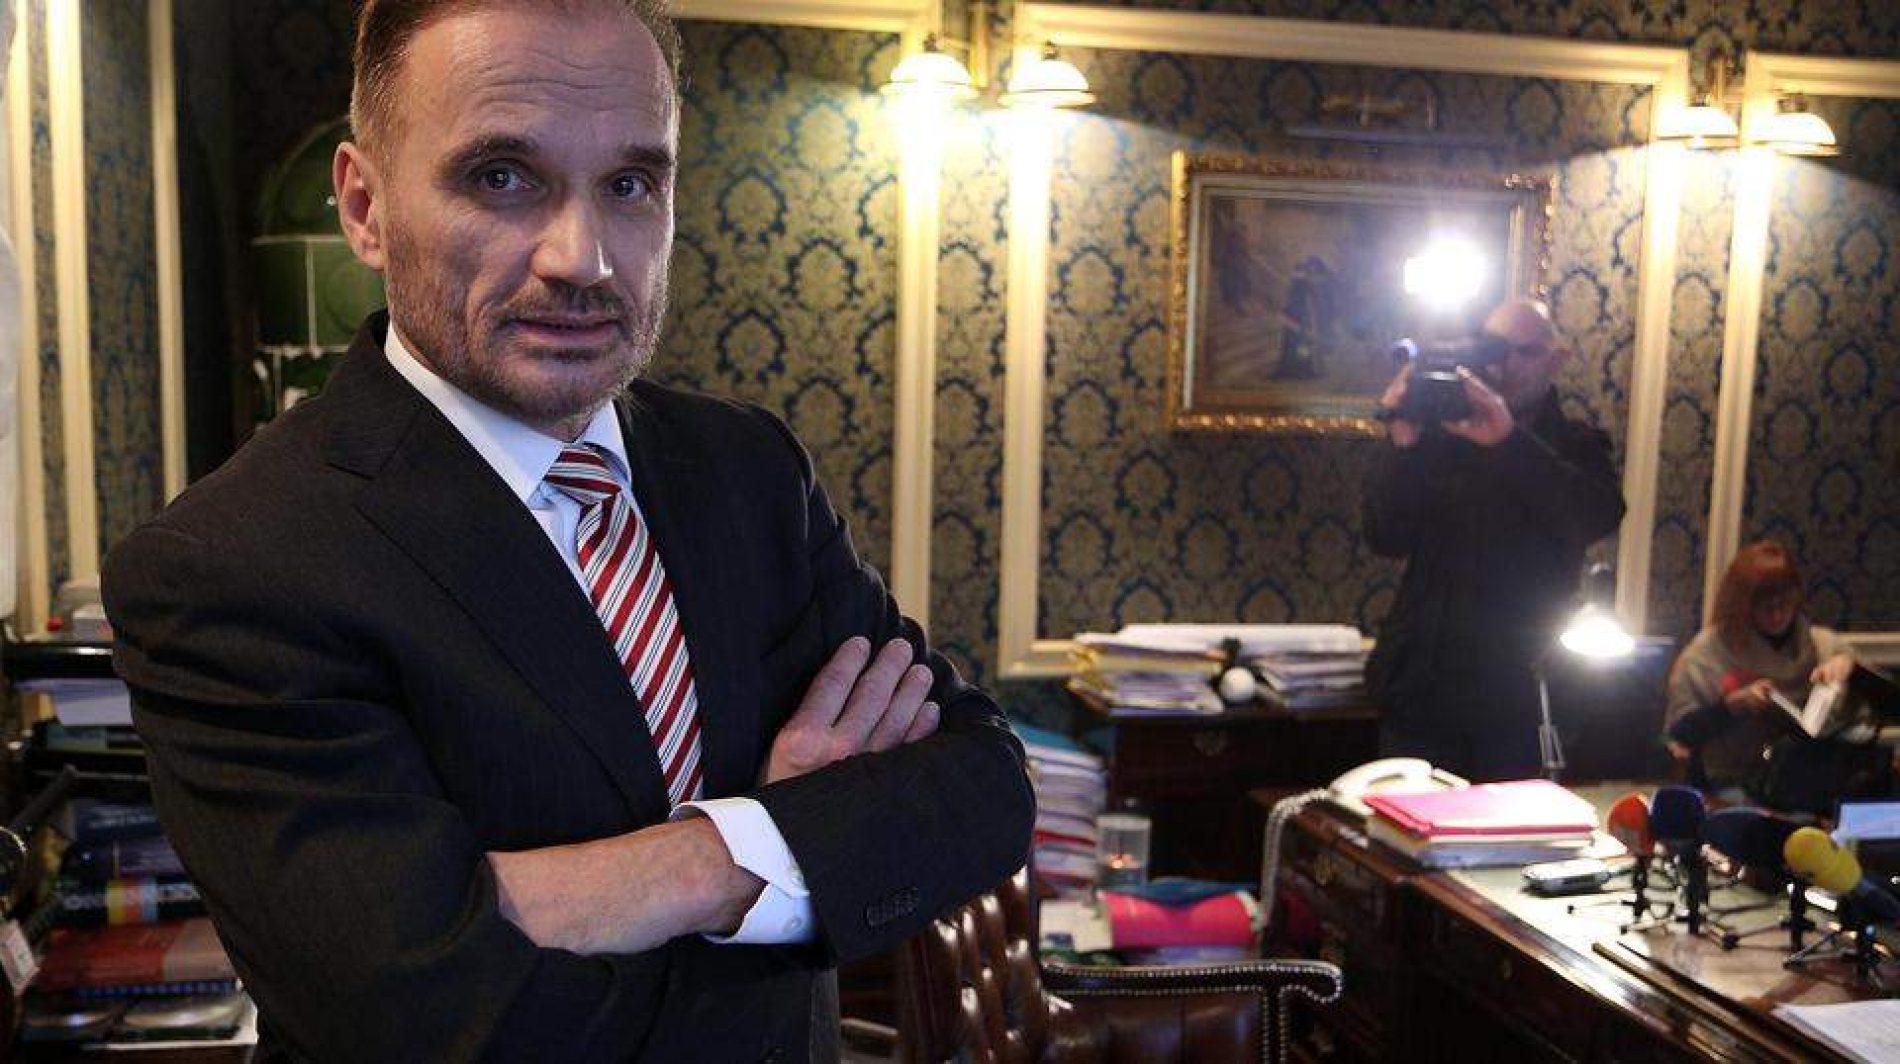 Anto Nobilo: Hrvatska će biti proglašena krivom za agresiju na Bosnu i Hercegovinu, 'HB' je bila paradržava